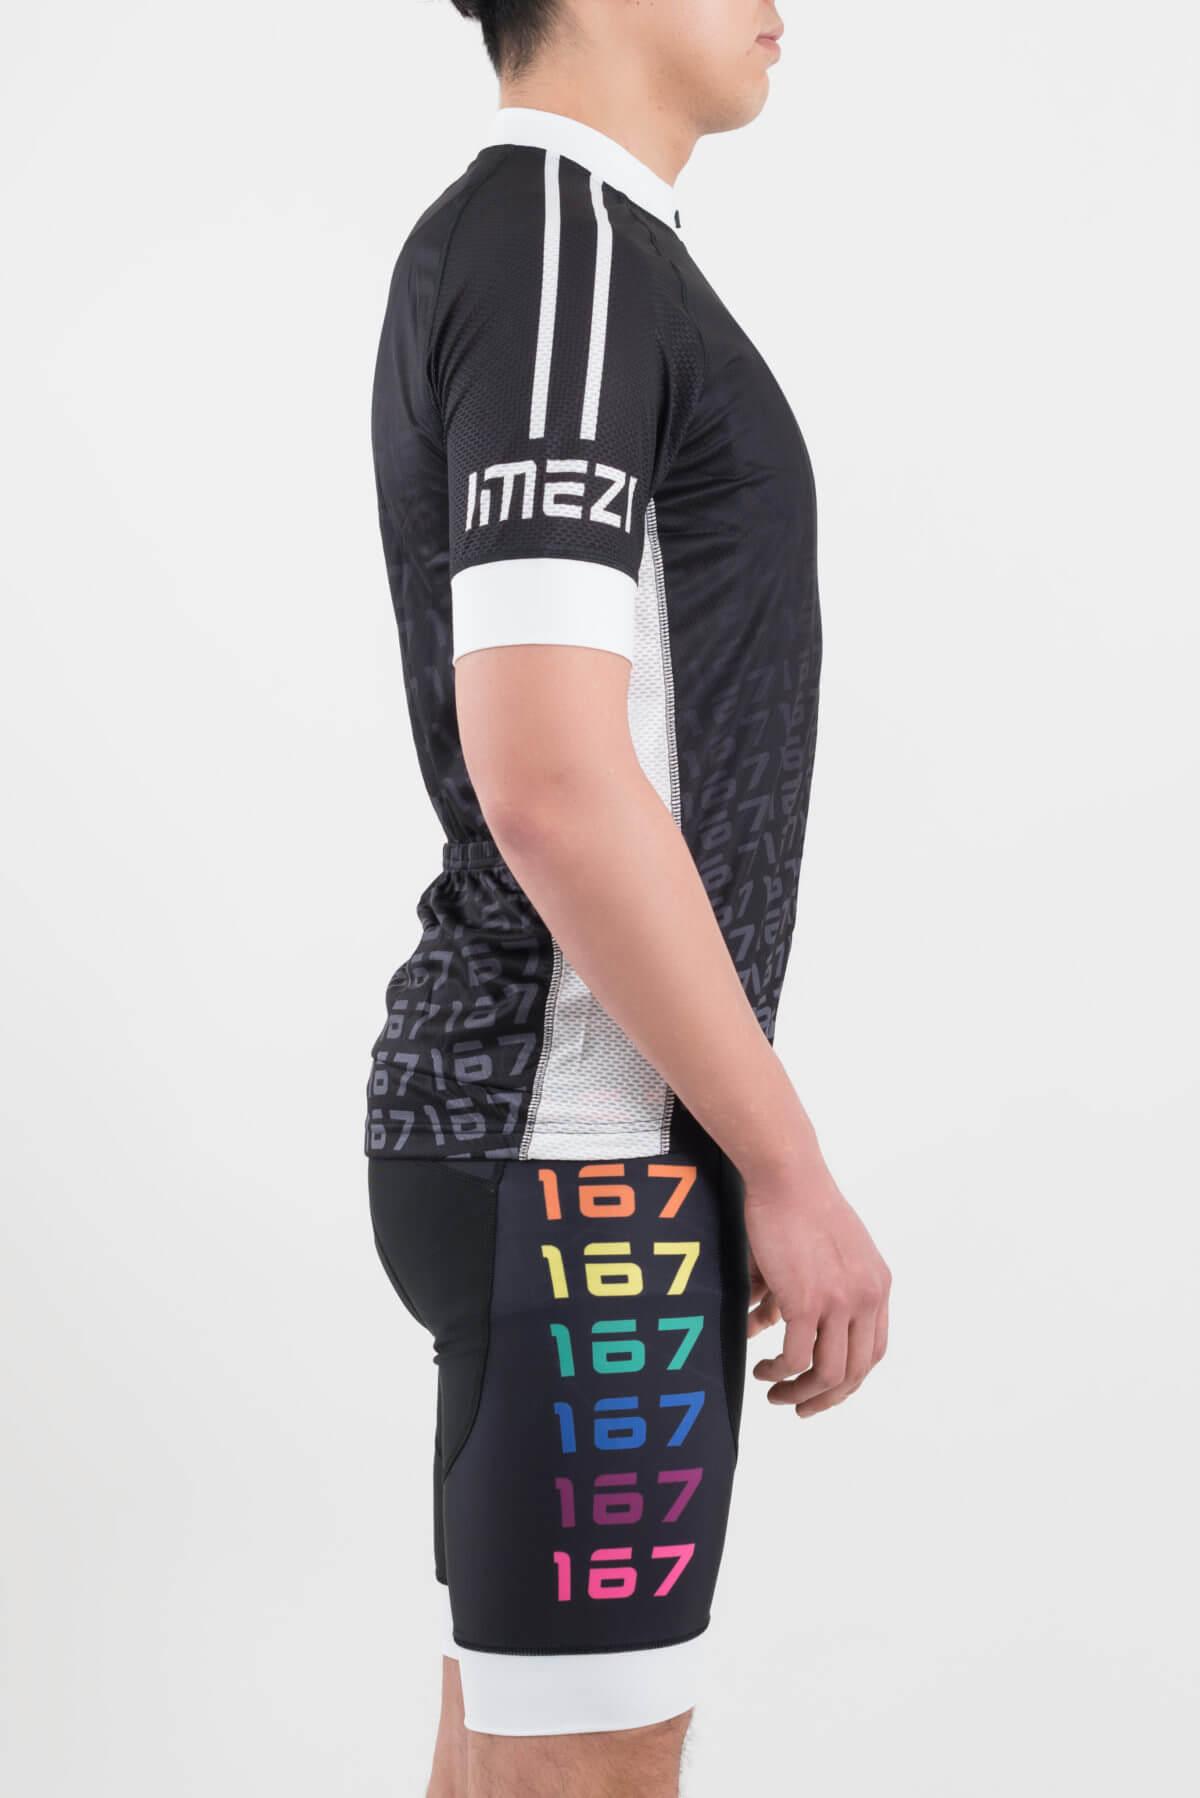 メンズサイクルウエア(imeZi)上下セット右側面